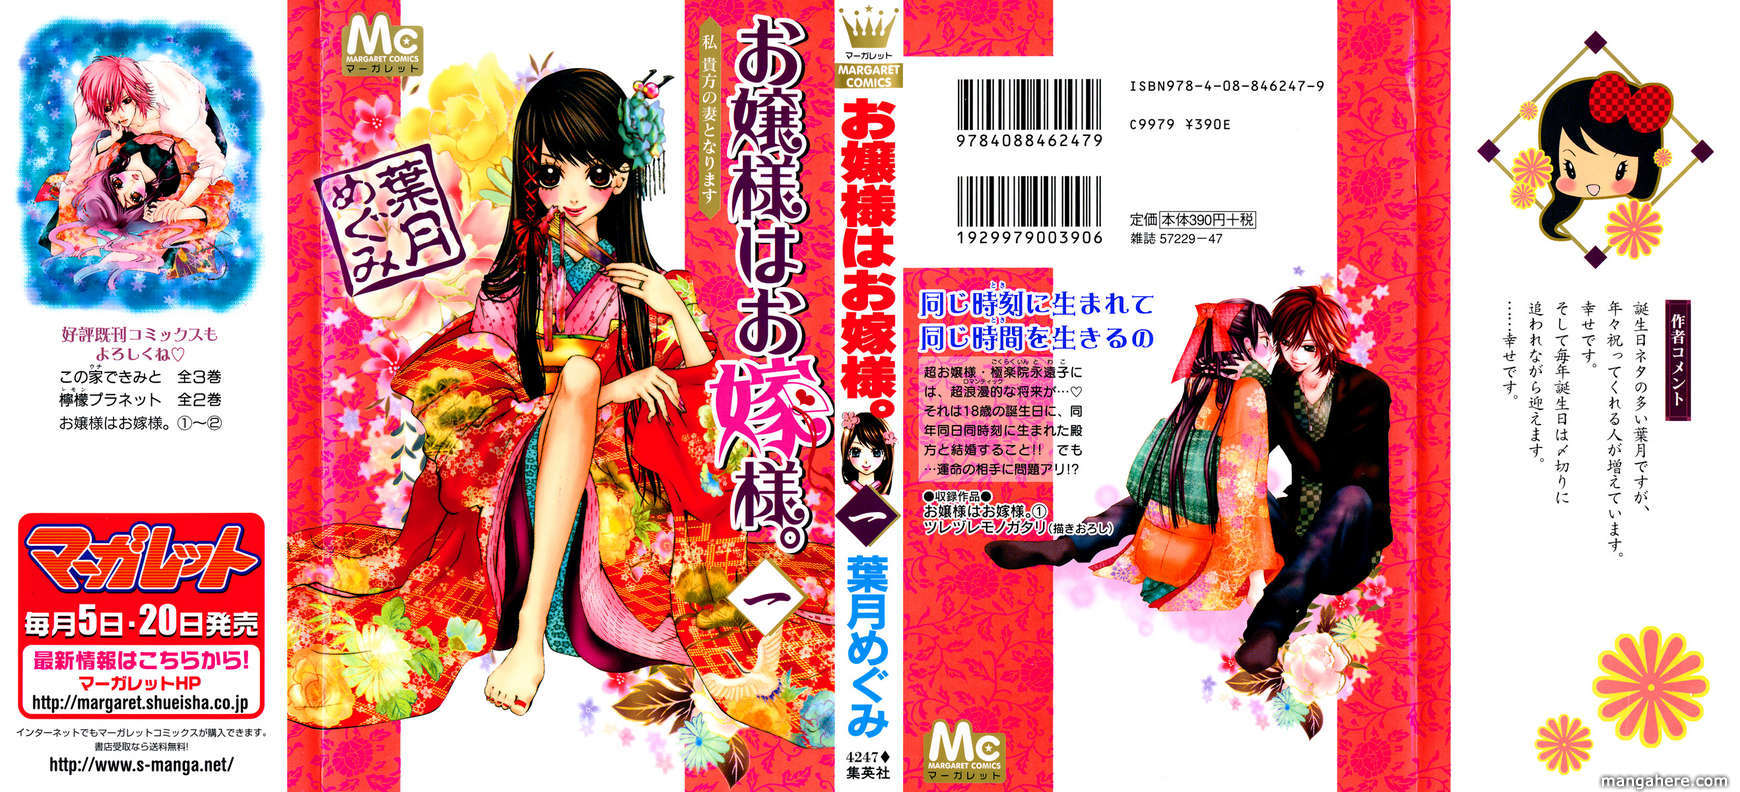 Ojousama Wa Oyomesama 1 Page 3